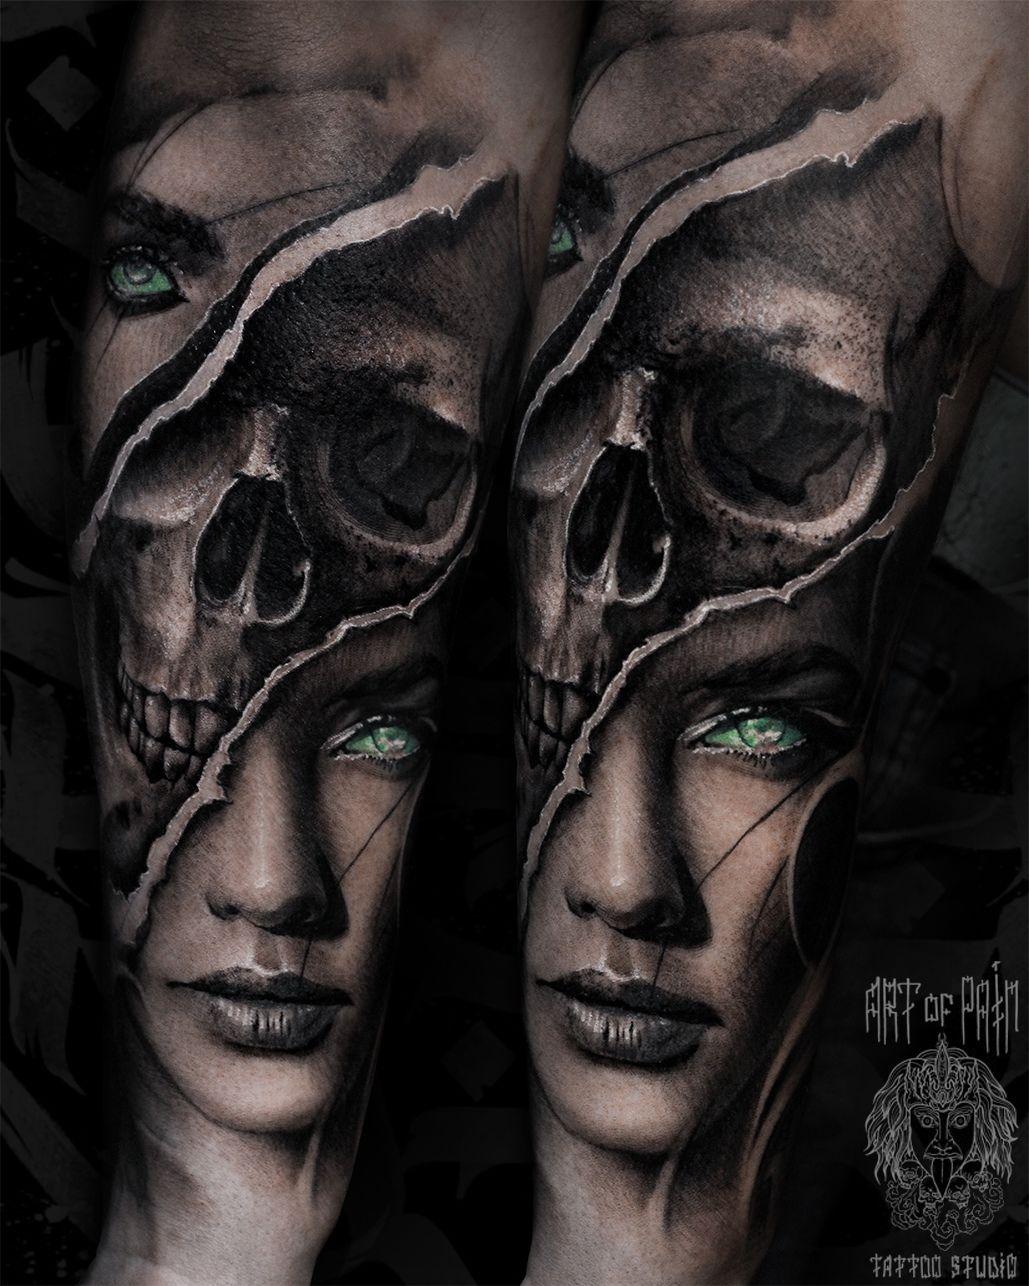 Татуировка мужская black&grey на предплечье зеленоглазая девушка и череп – Мастер тату: Слава Tech Lunatic